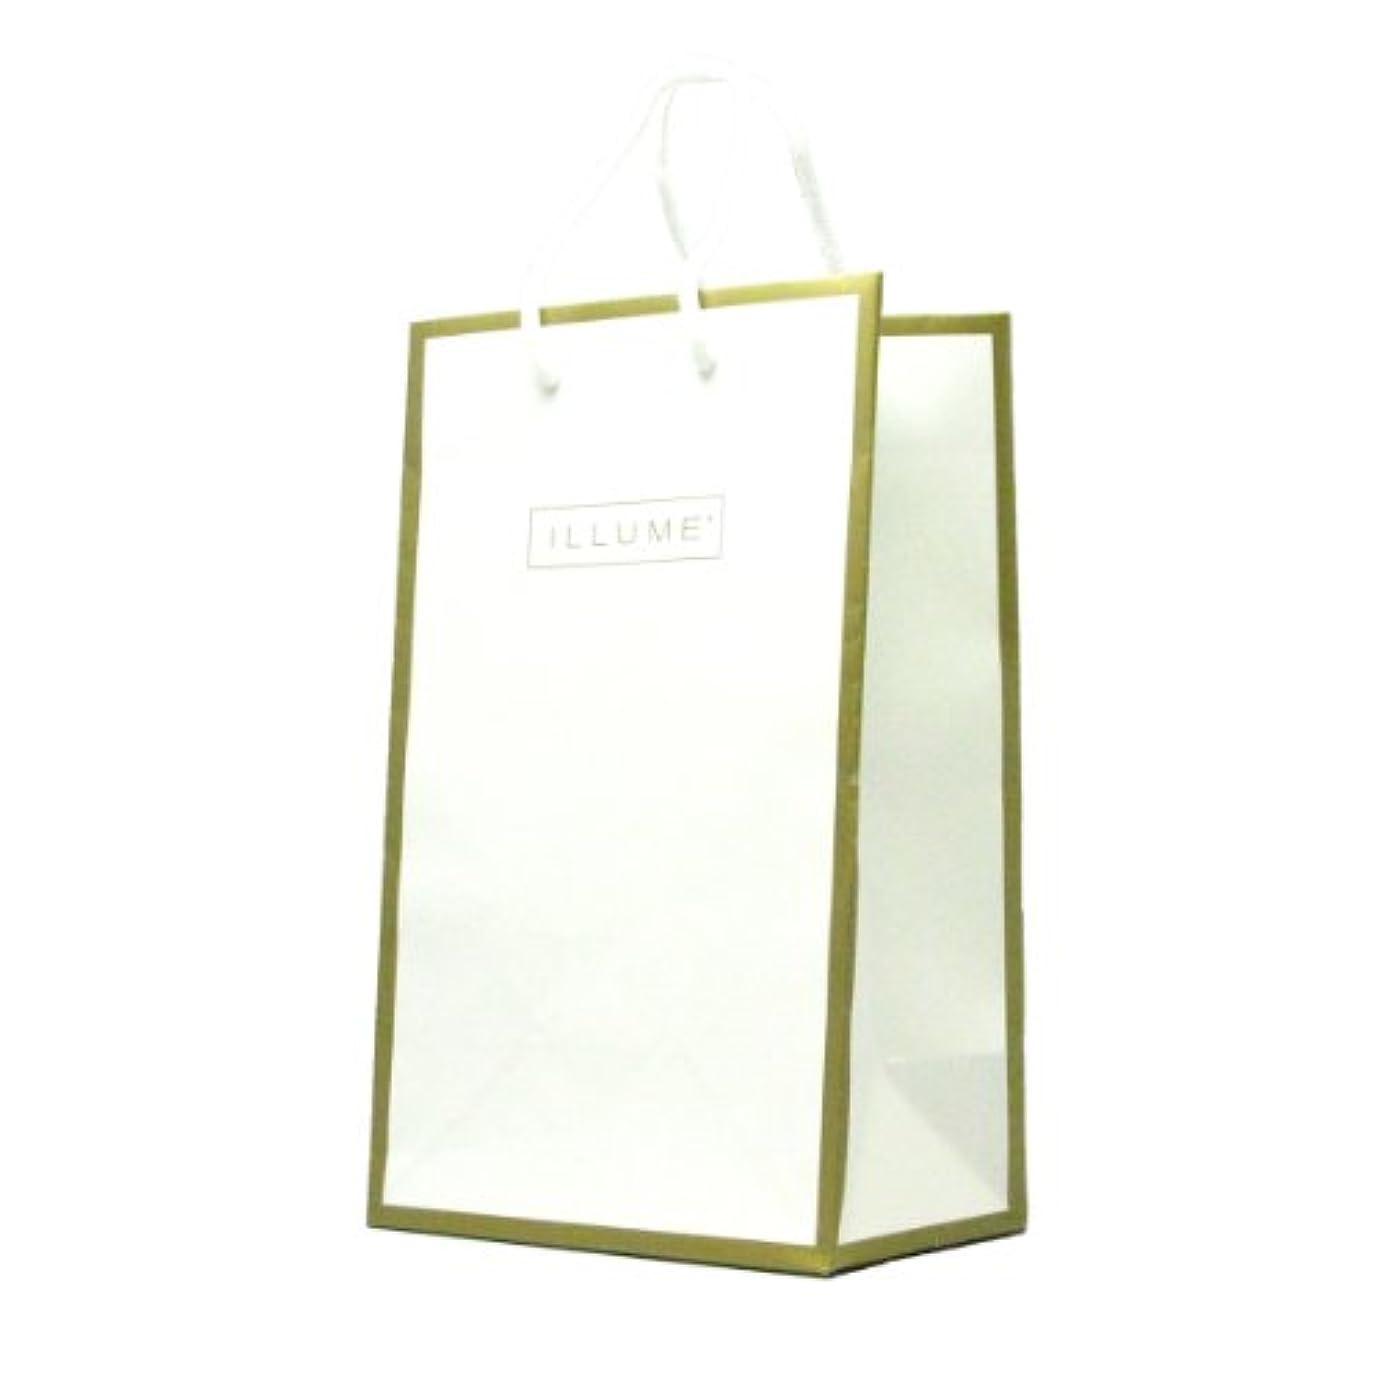 保全保全能力イリューム(ILLUME) ギフトバッグ(Gift Bag) (ILLUMEギフトバッグ)